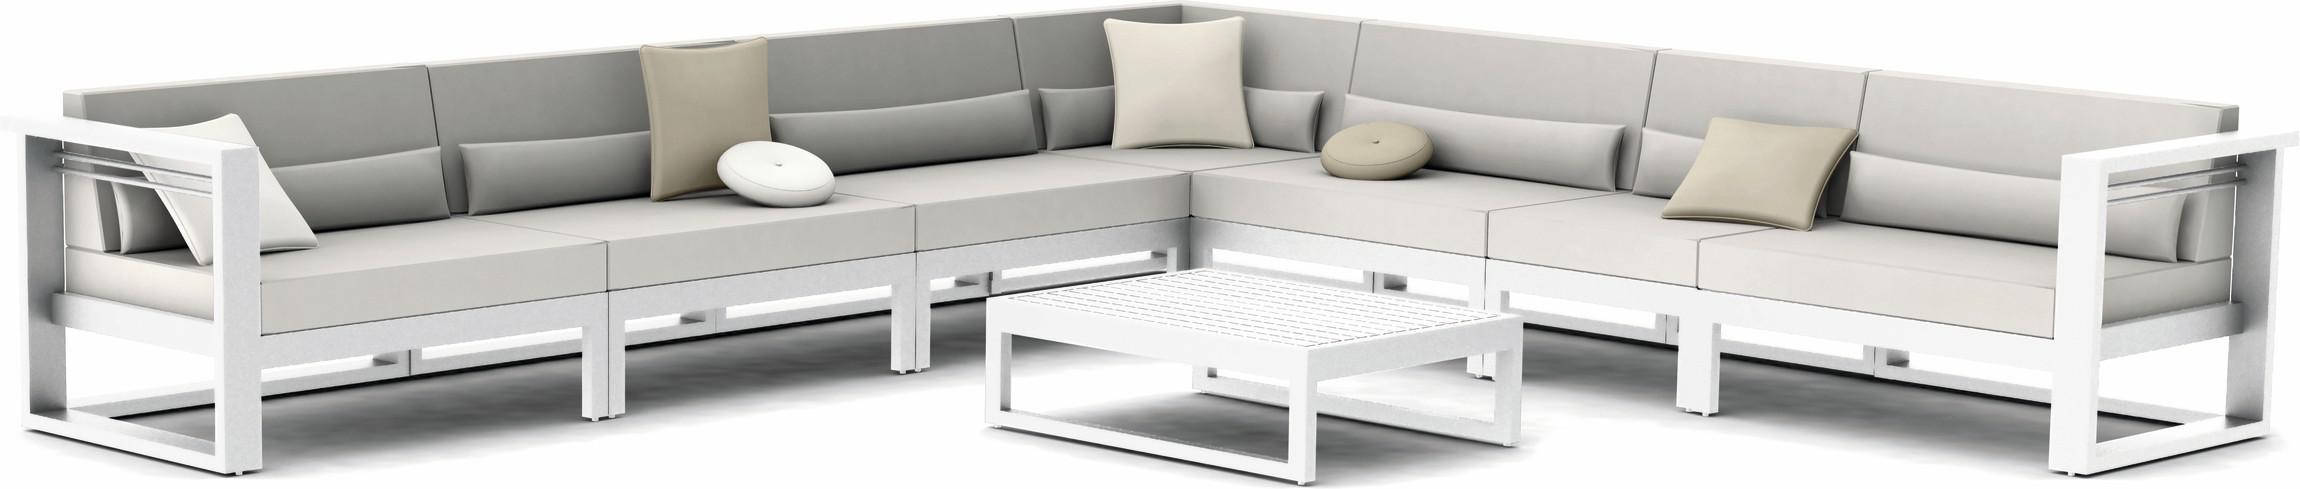 Fuse Concepto 2 - blanco - textiles blancos